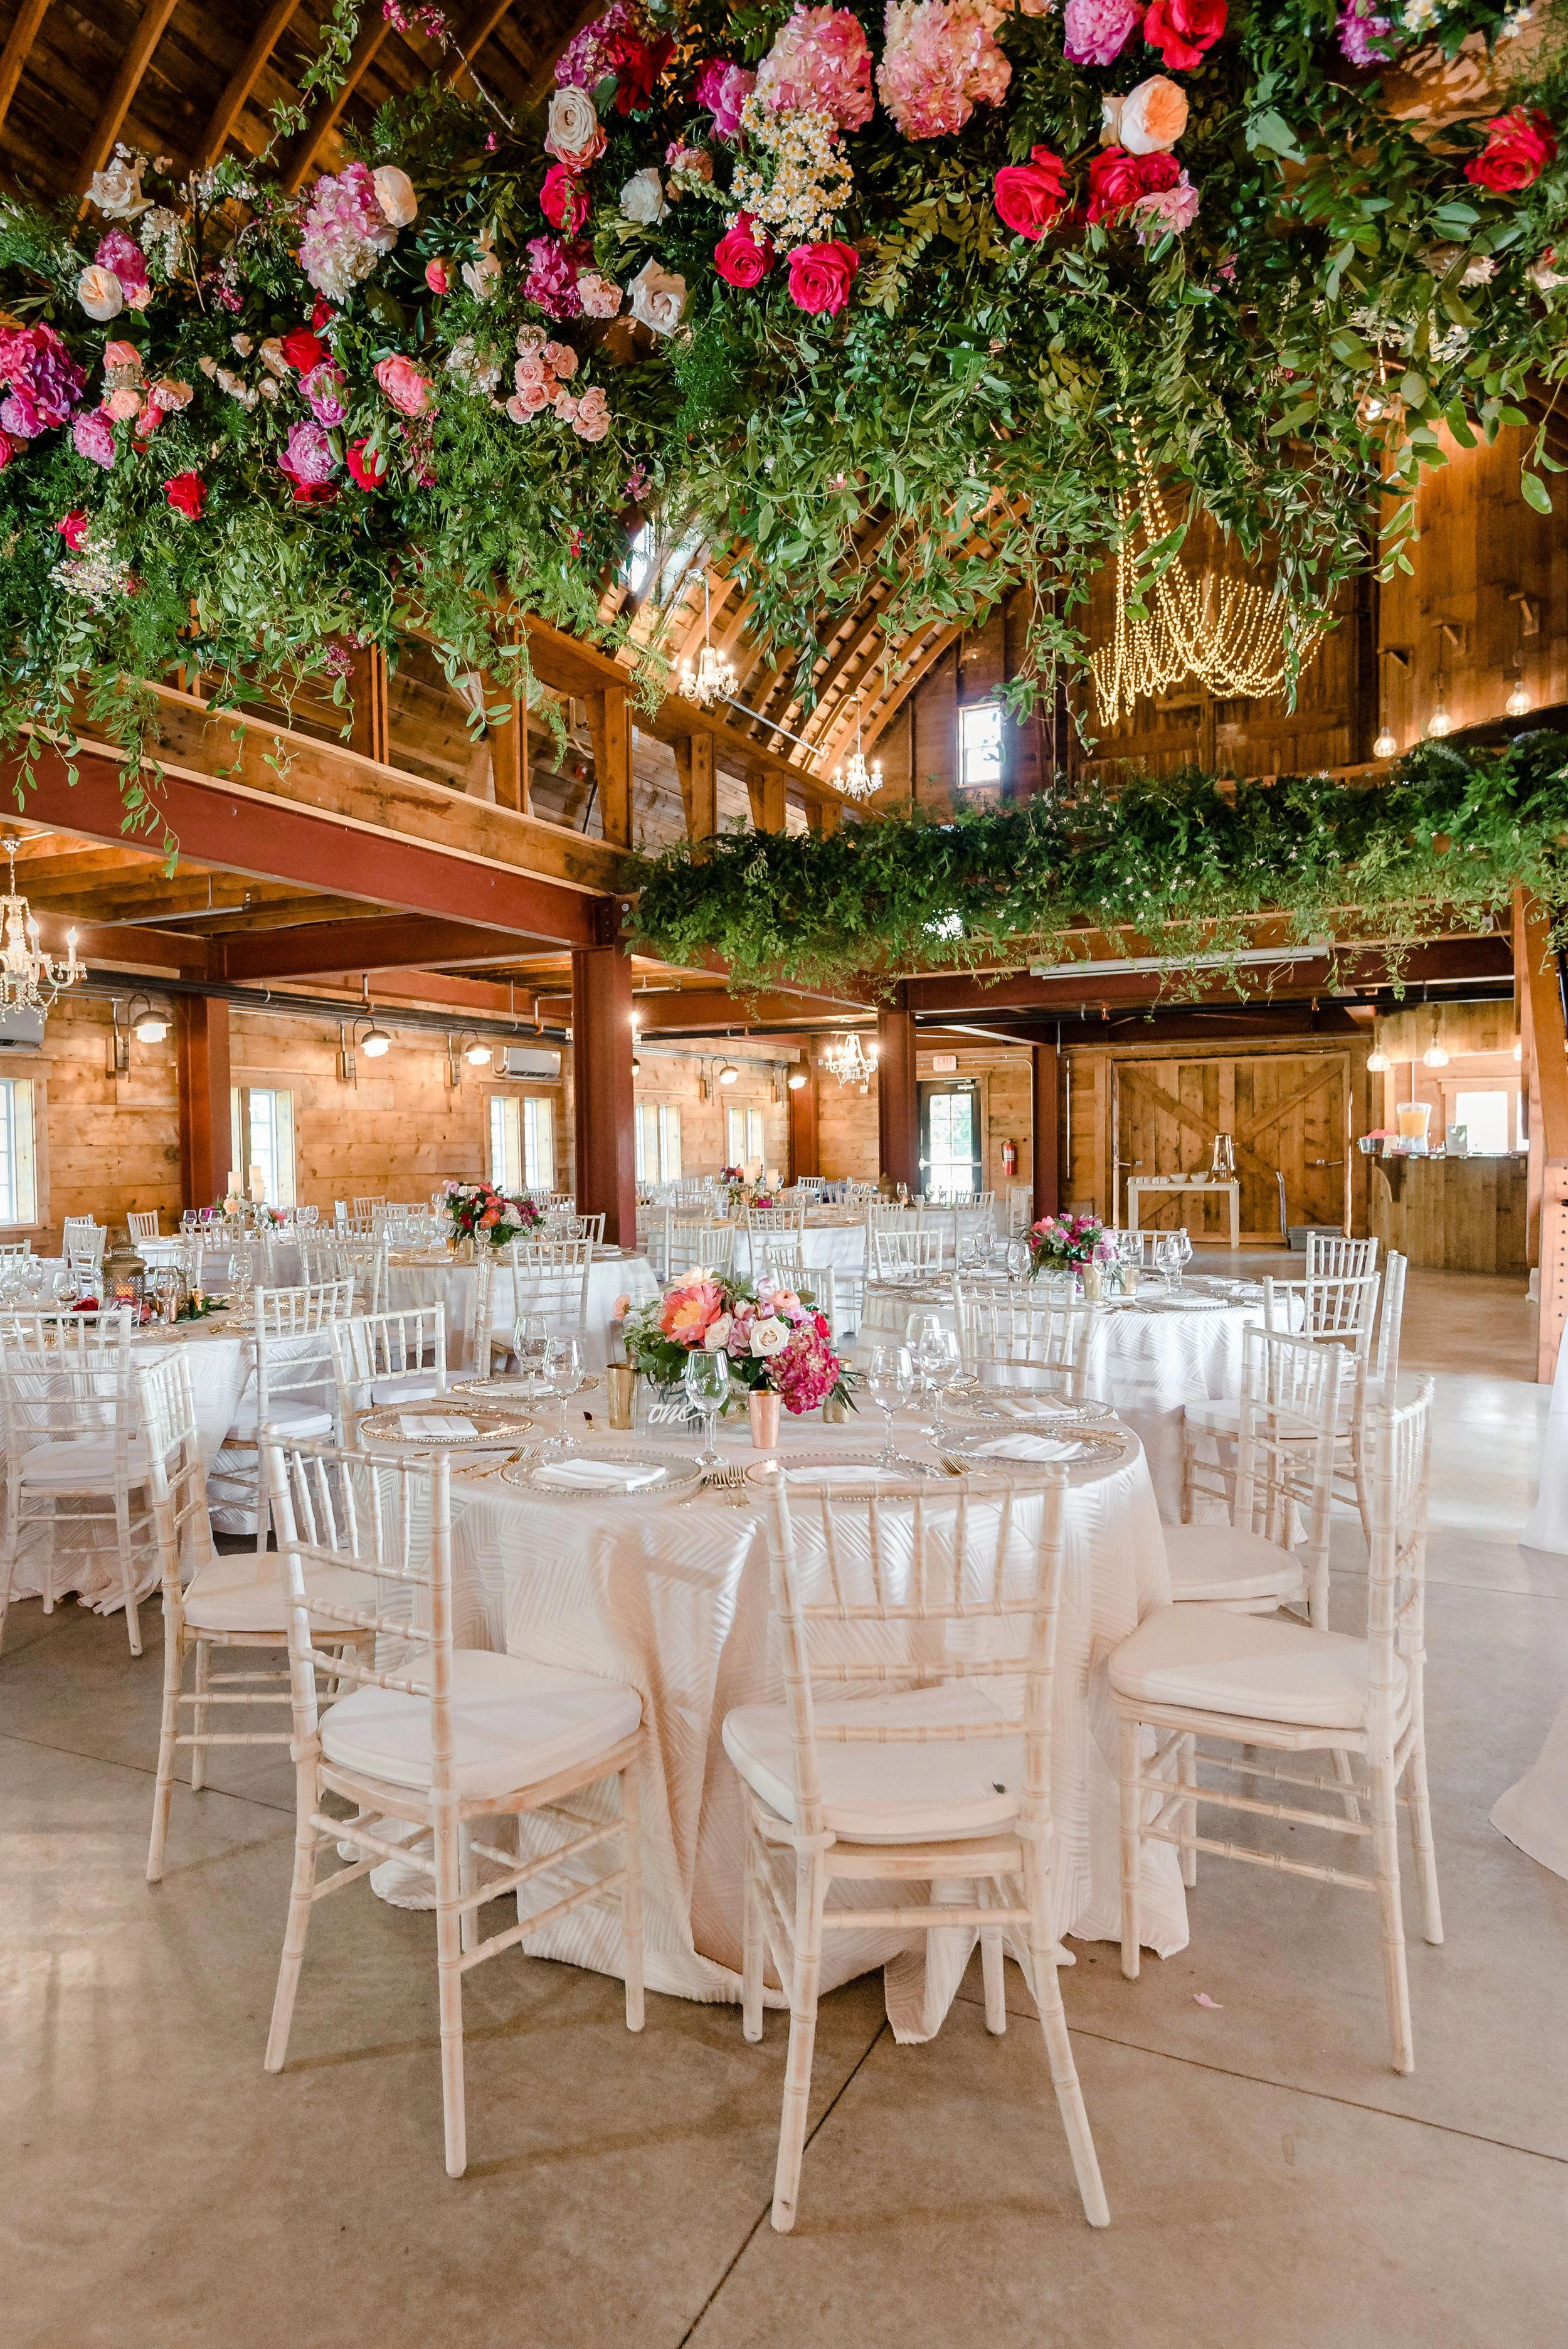 Secret Garden Wedding Enchanted Garden Wedding Luxury Wedding Elegant Barn Wedding W Enchanted Garden Wedding Secret Garden Wedding Luxury Barn Wedding